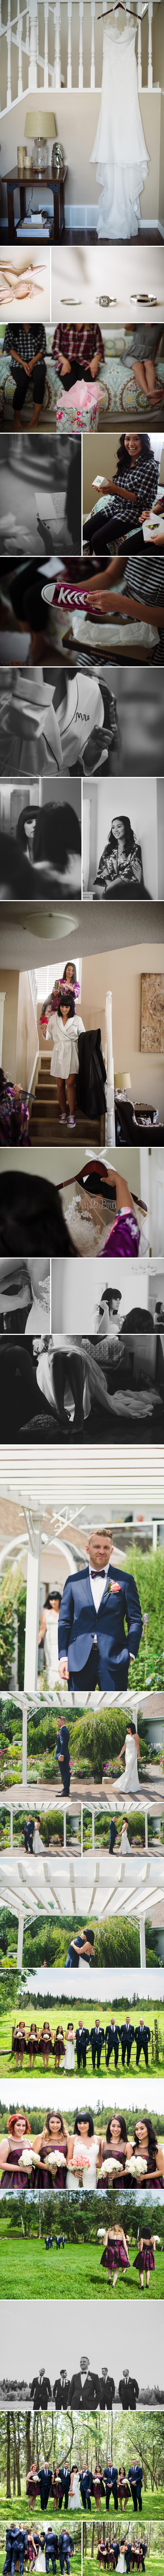 yeg_bbcollective_wedding_photography_edmonton_2016_unaanddavid_blog